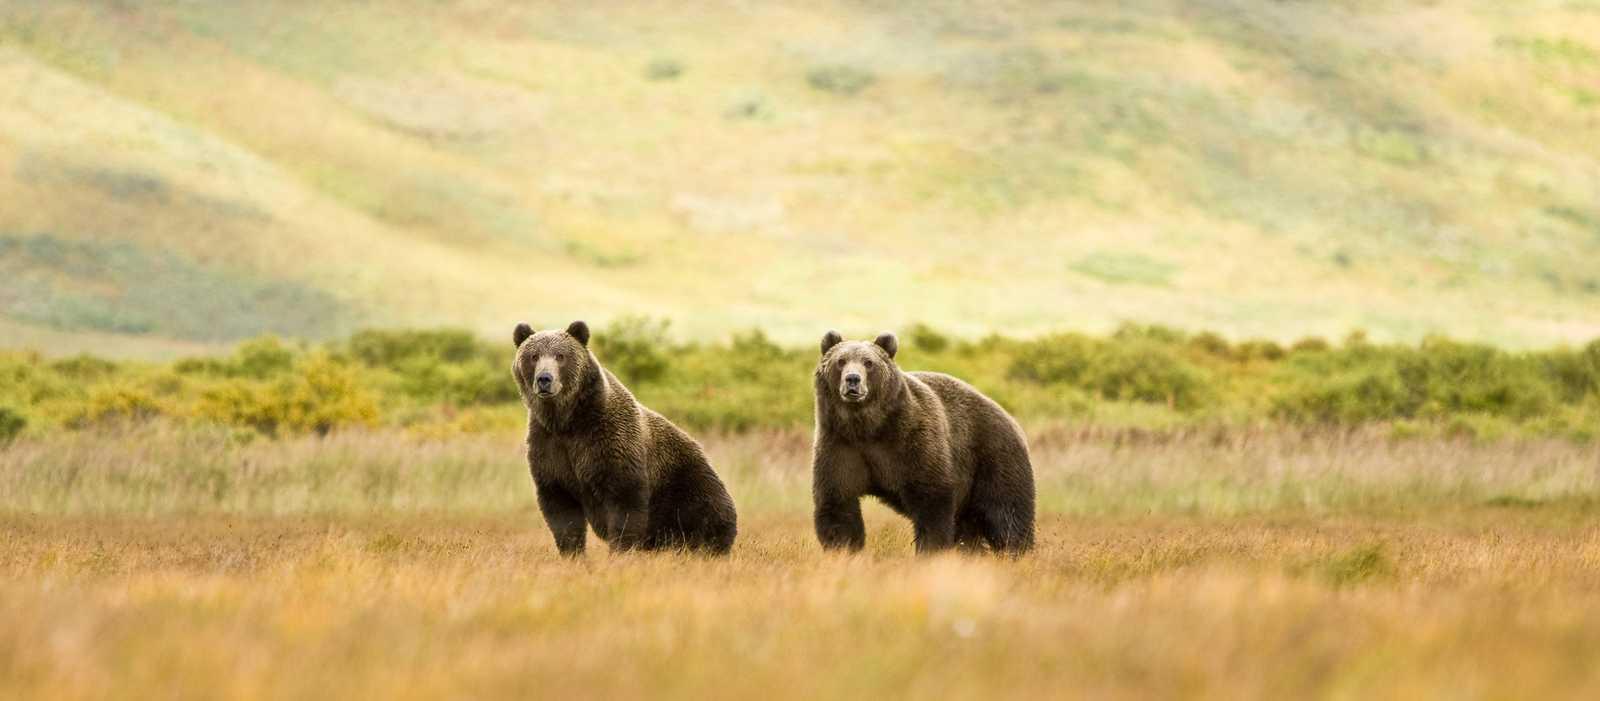 Zwei Grizzlybären in der Wildnis